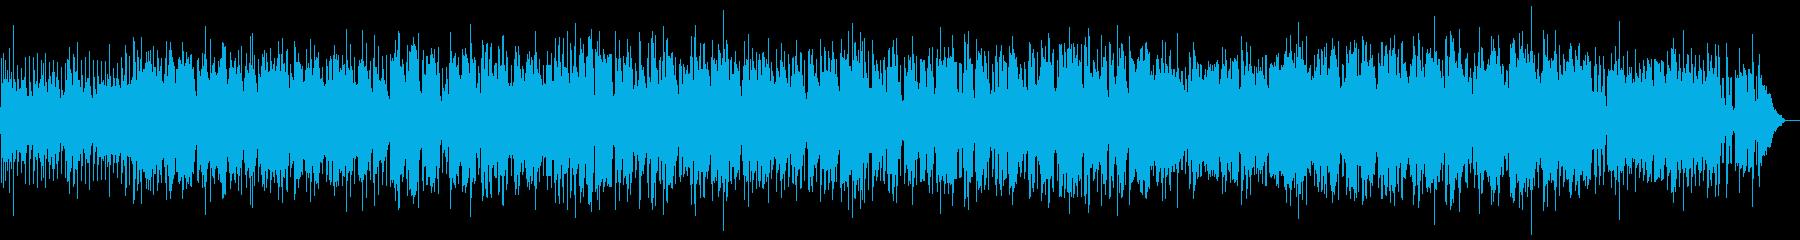 昭和歌謡ポップスジャジーブルースエレジーの再生済みの波形